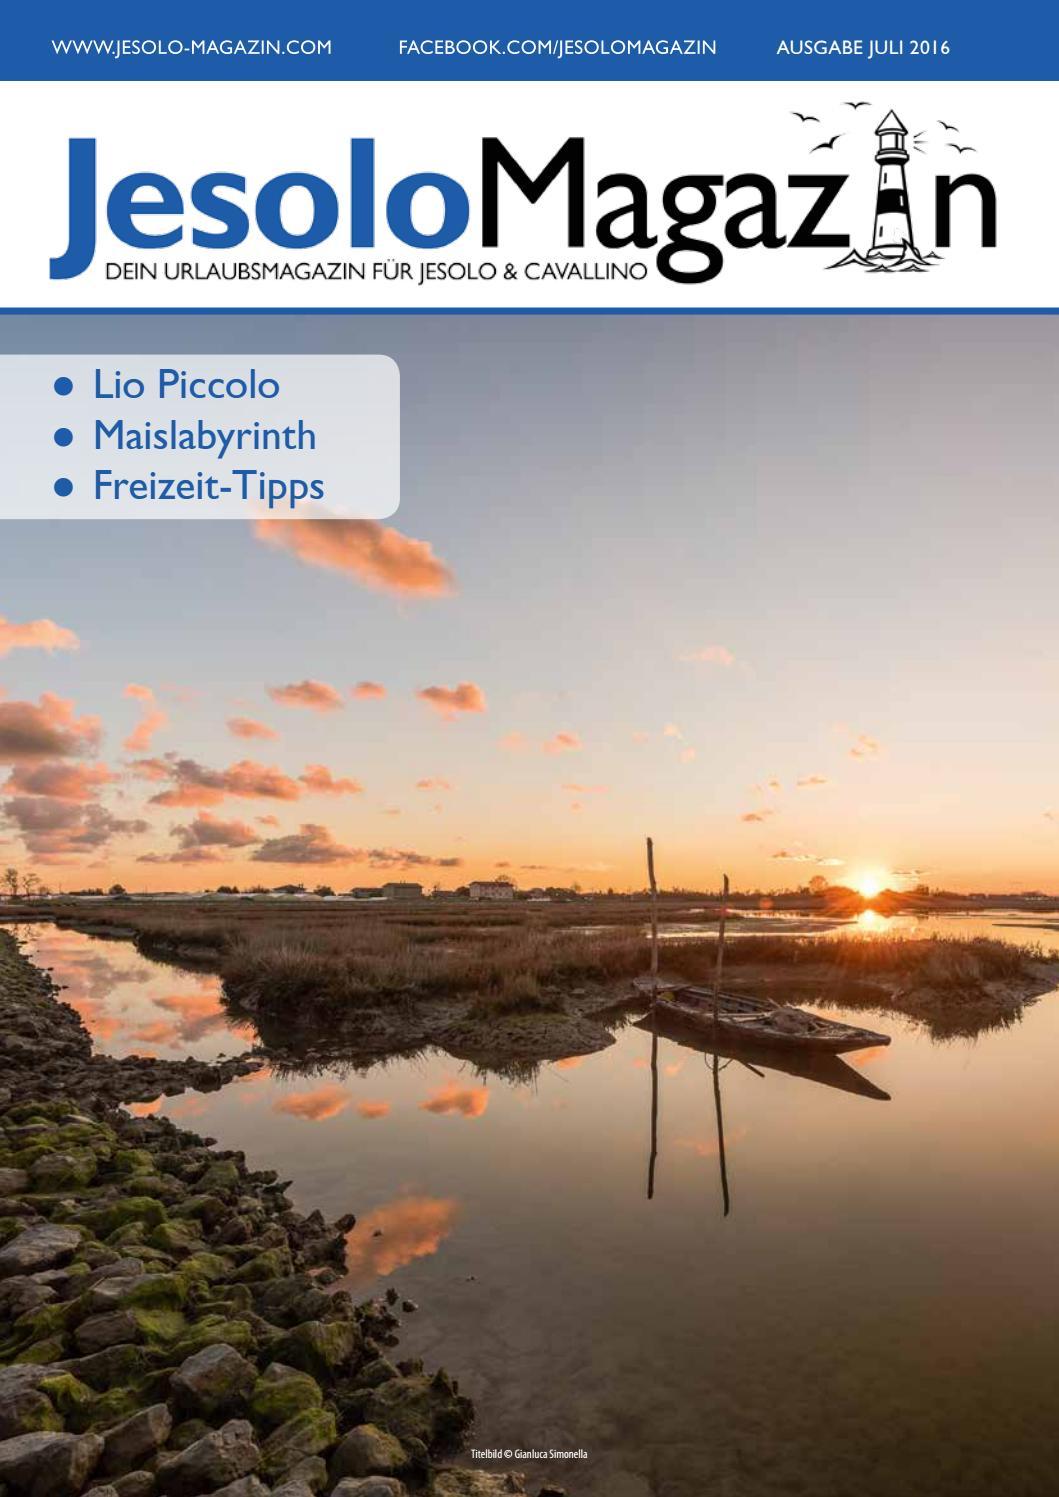 Jesolo Magazin